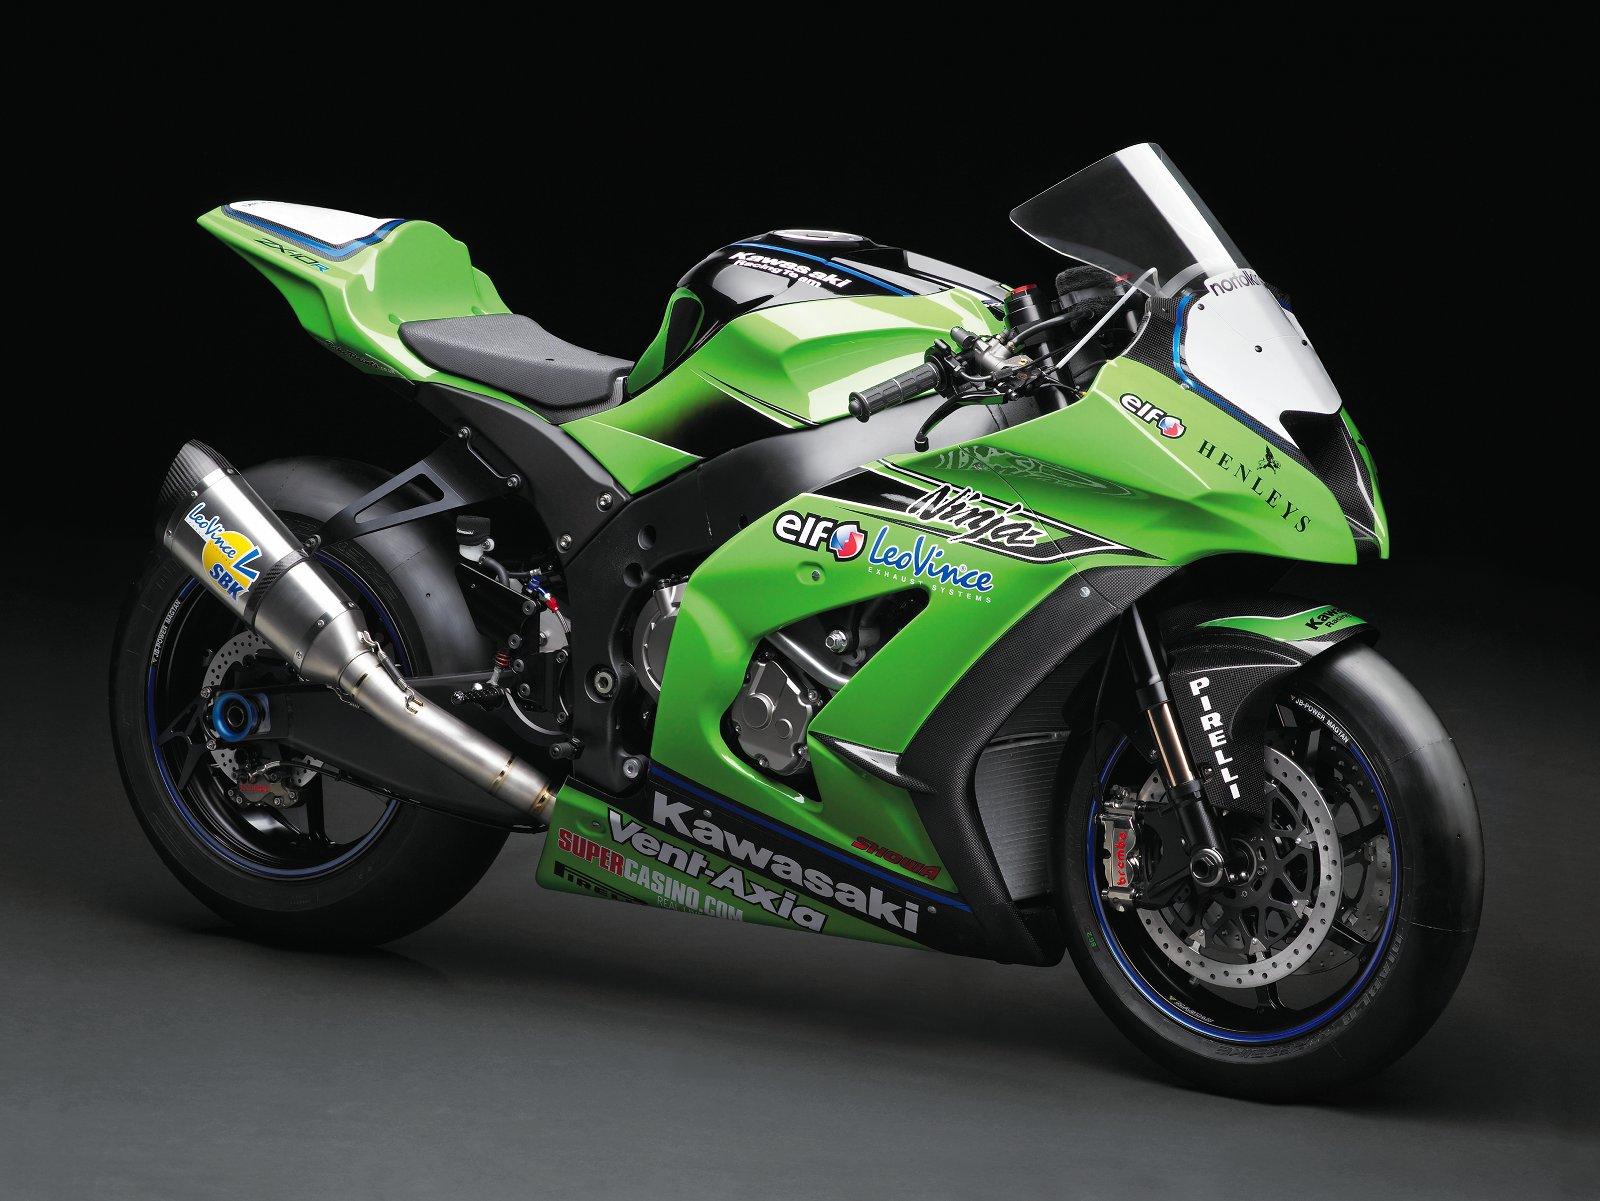 Kawasaki ZX10R 2011  - Page 5 4952137944_a340eb2b60_o